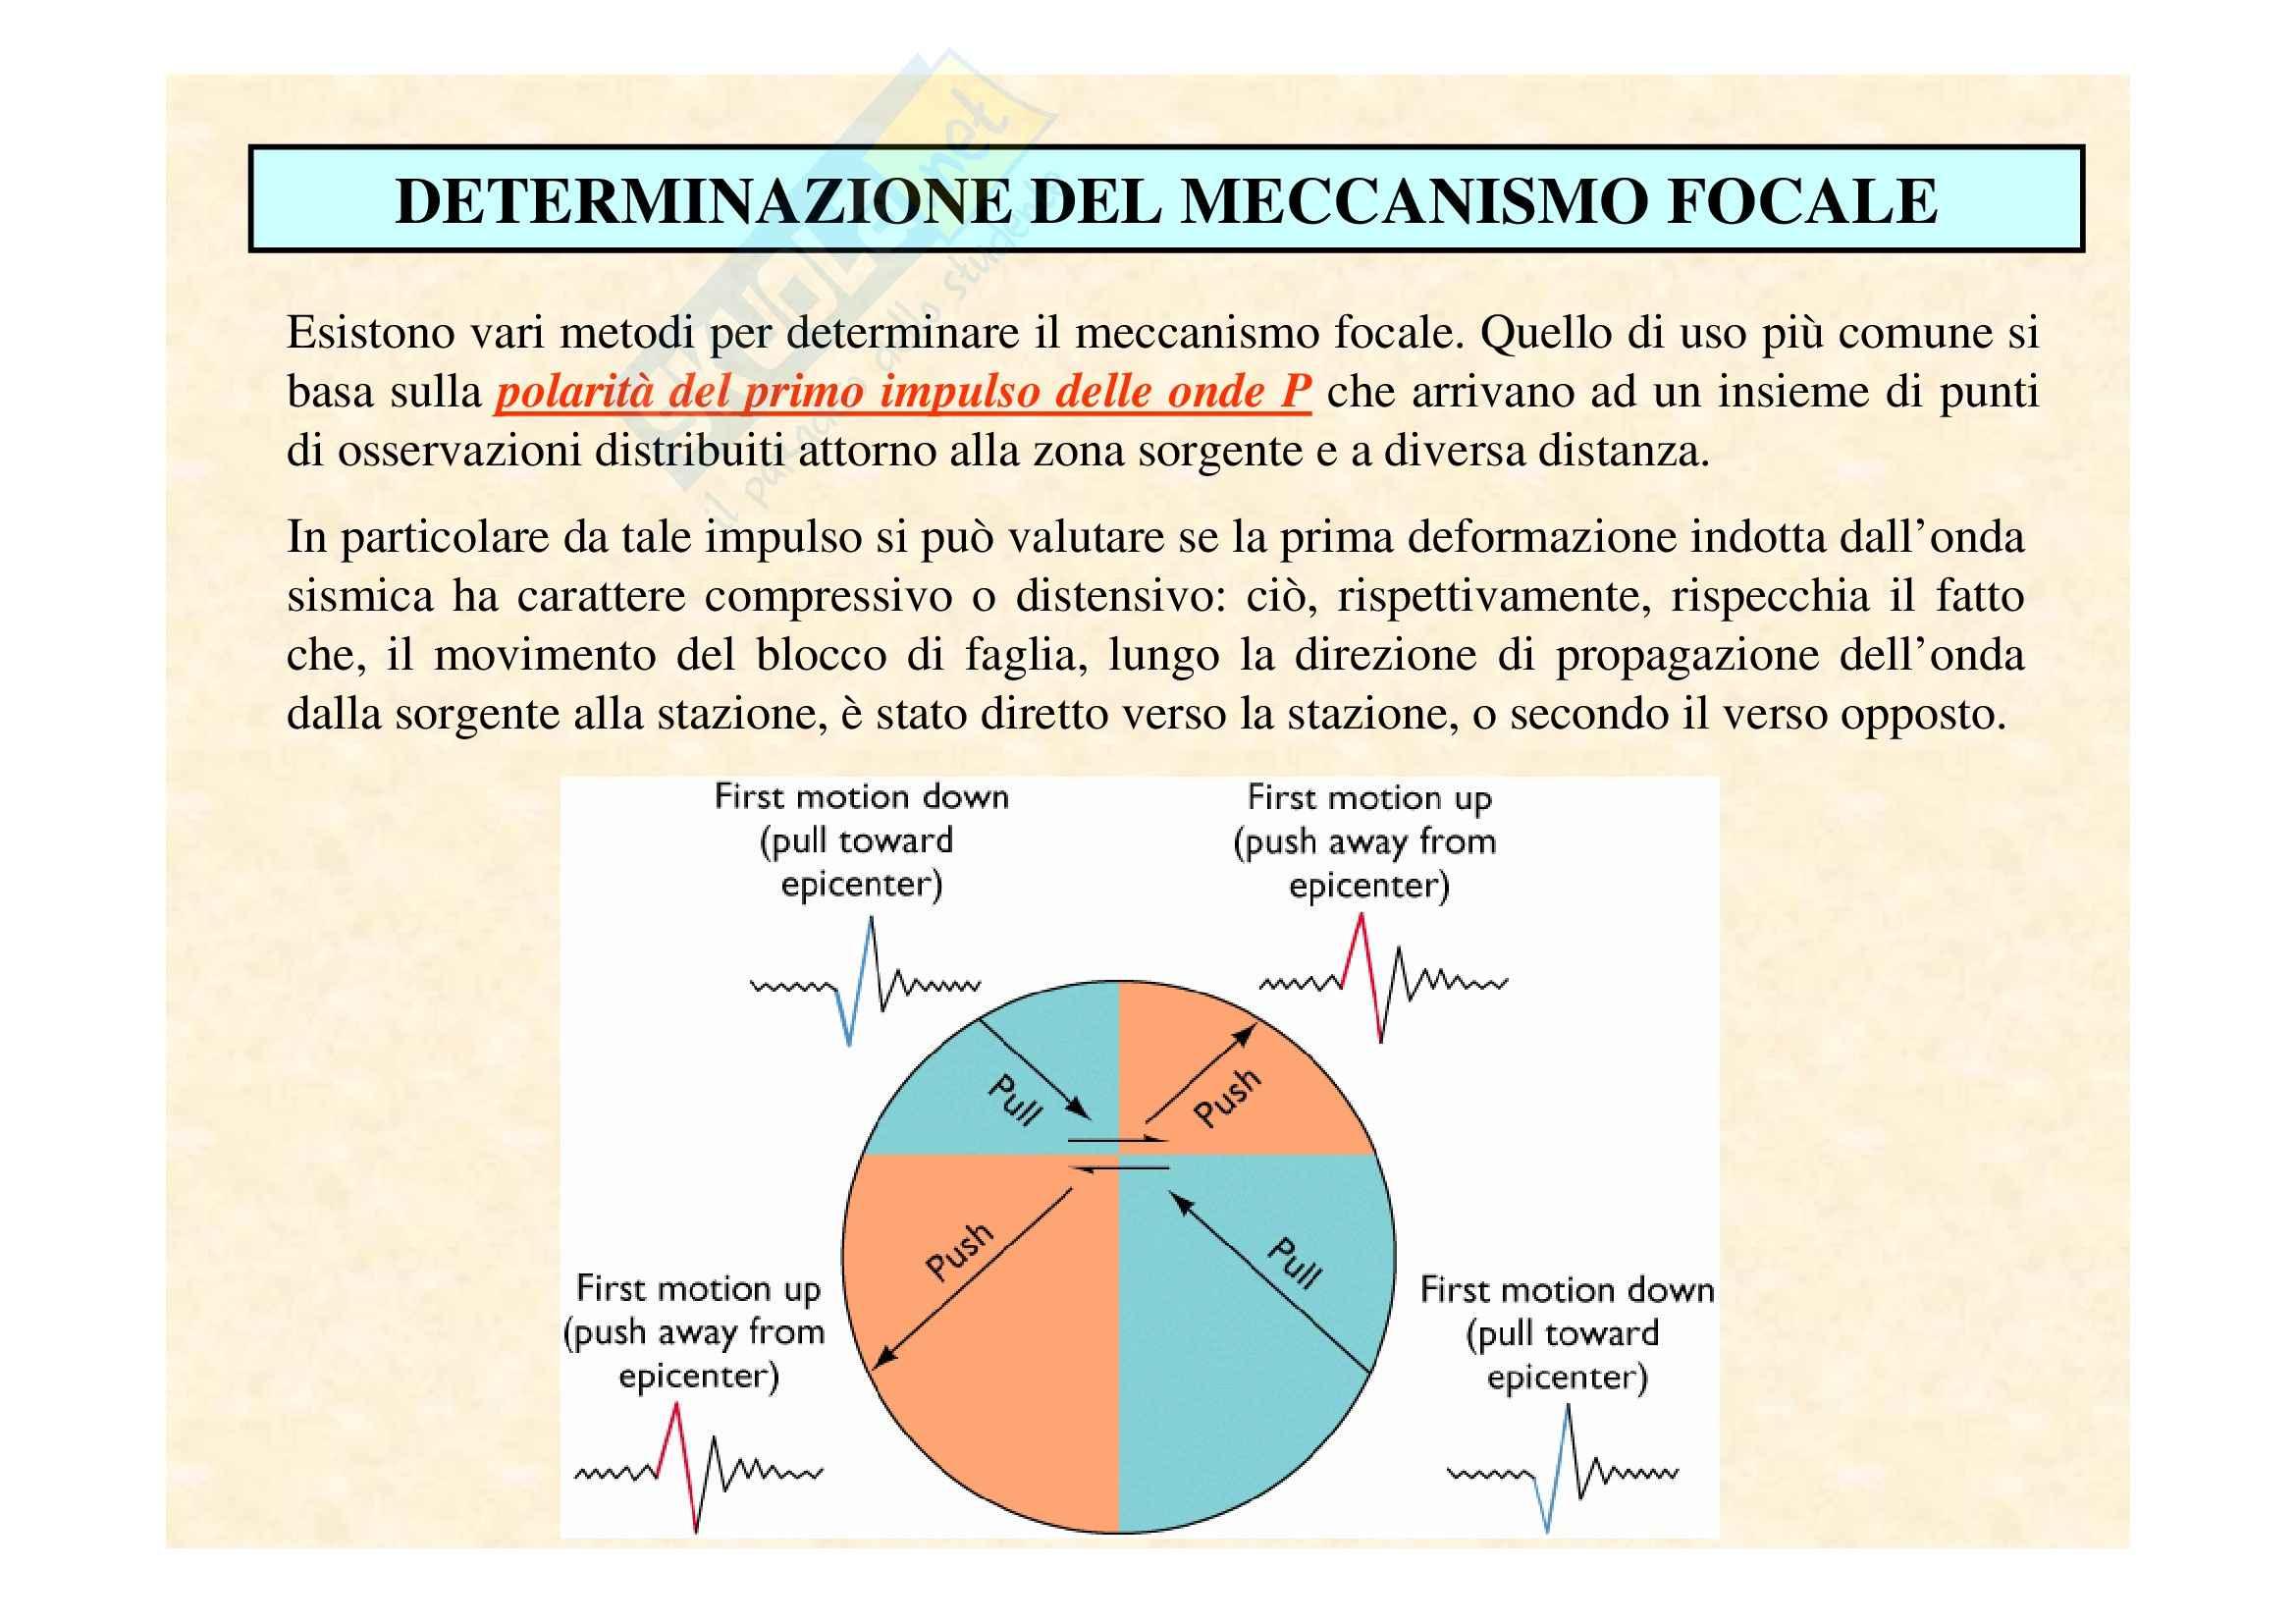 Sismologia - la determinazione del meccanismo focale (Beachball)